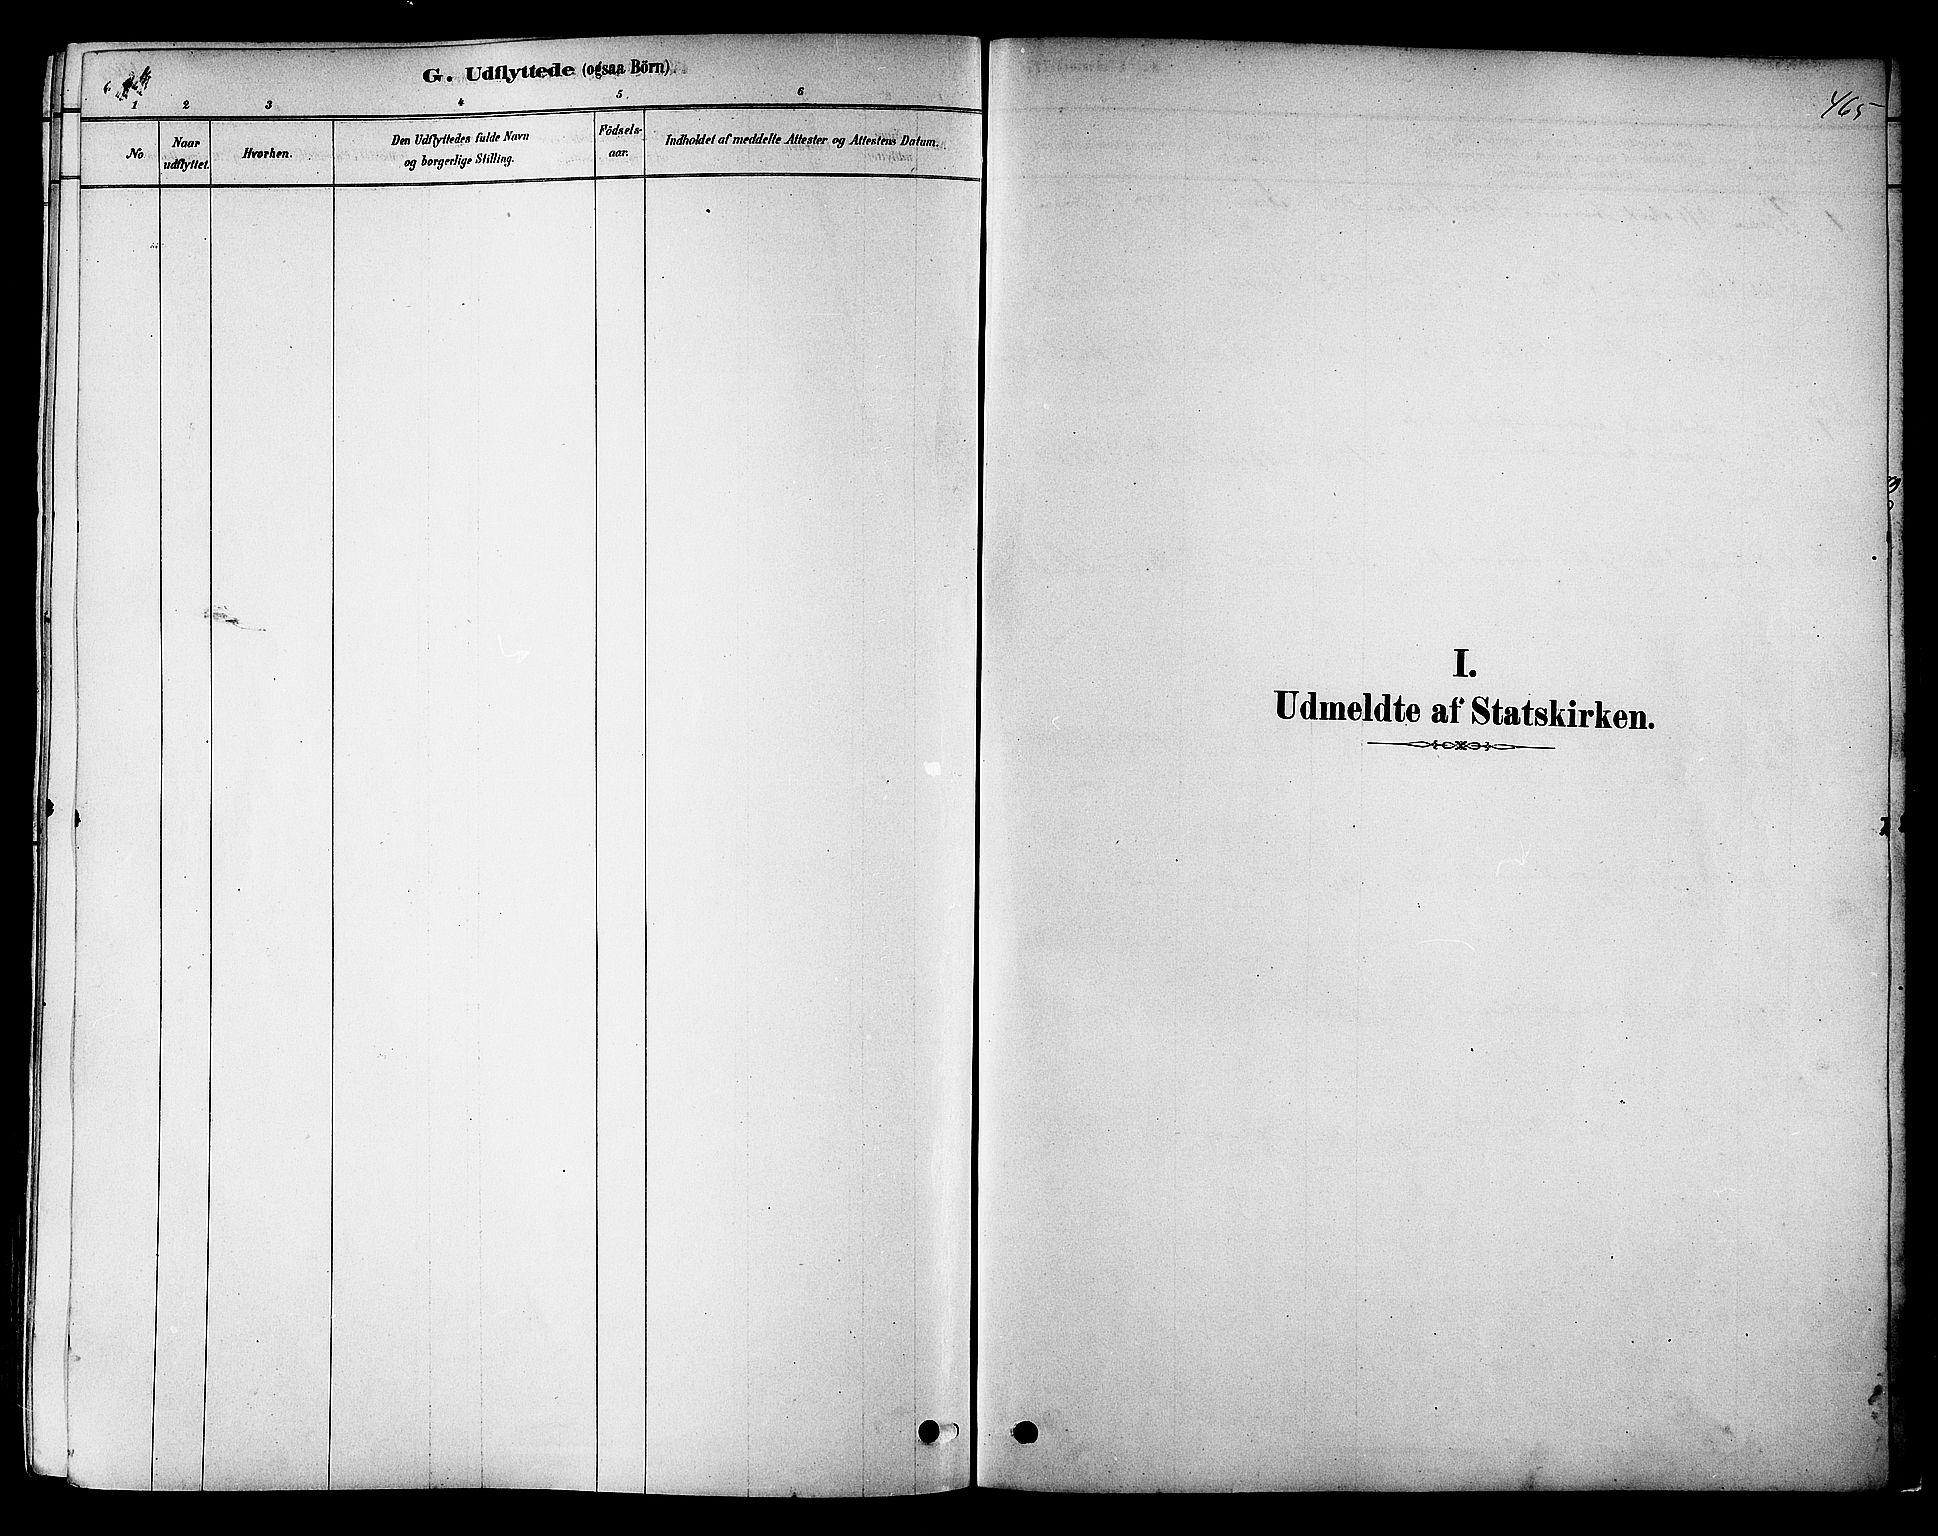 SAT, Ministerialprotokoller, klokkerbøker og fødselsregistre - Sør-Trøndelag, 606/L0294: Ministerialbok nr. 606A09, 1878-1886, s. 465